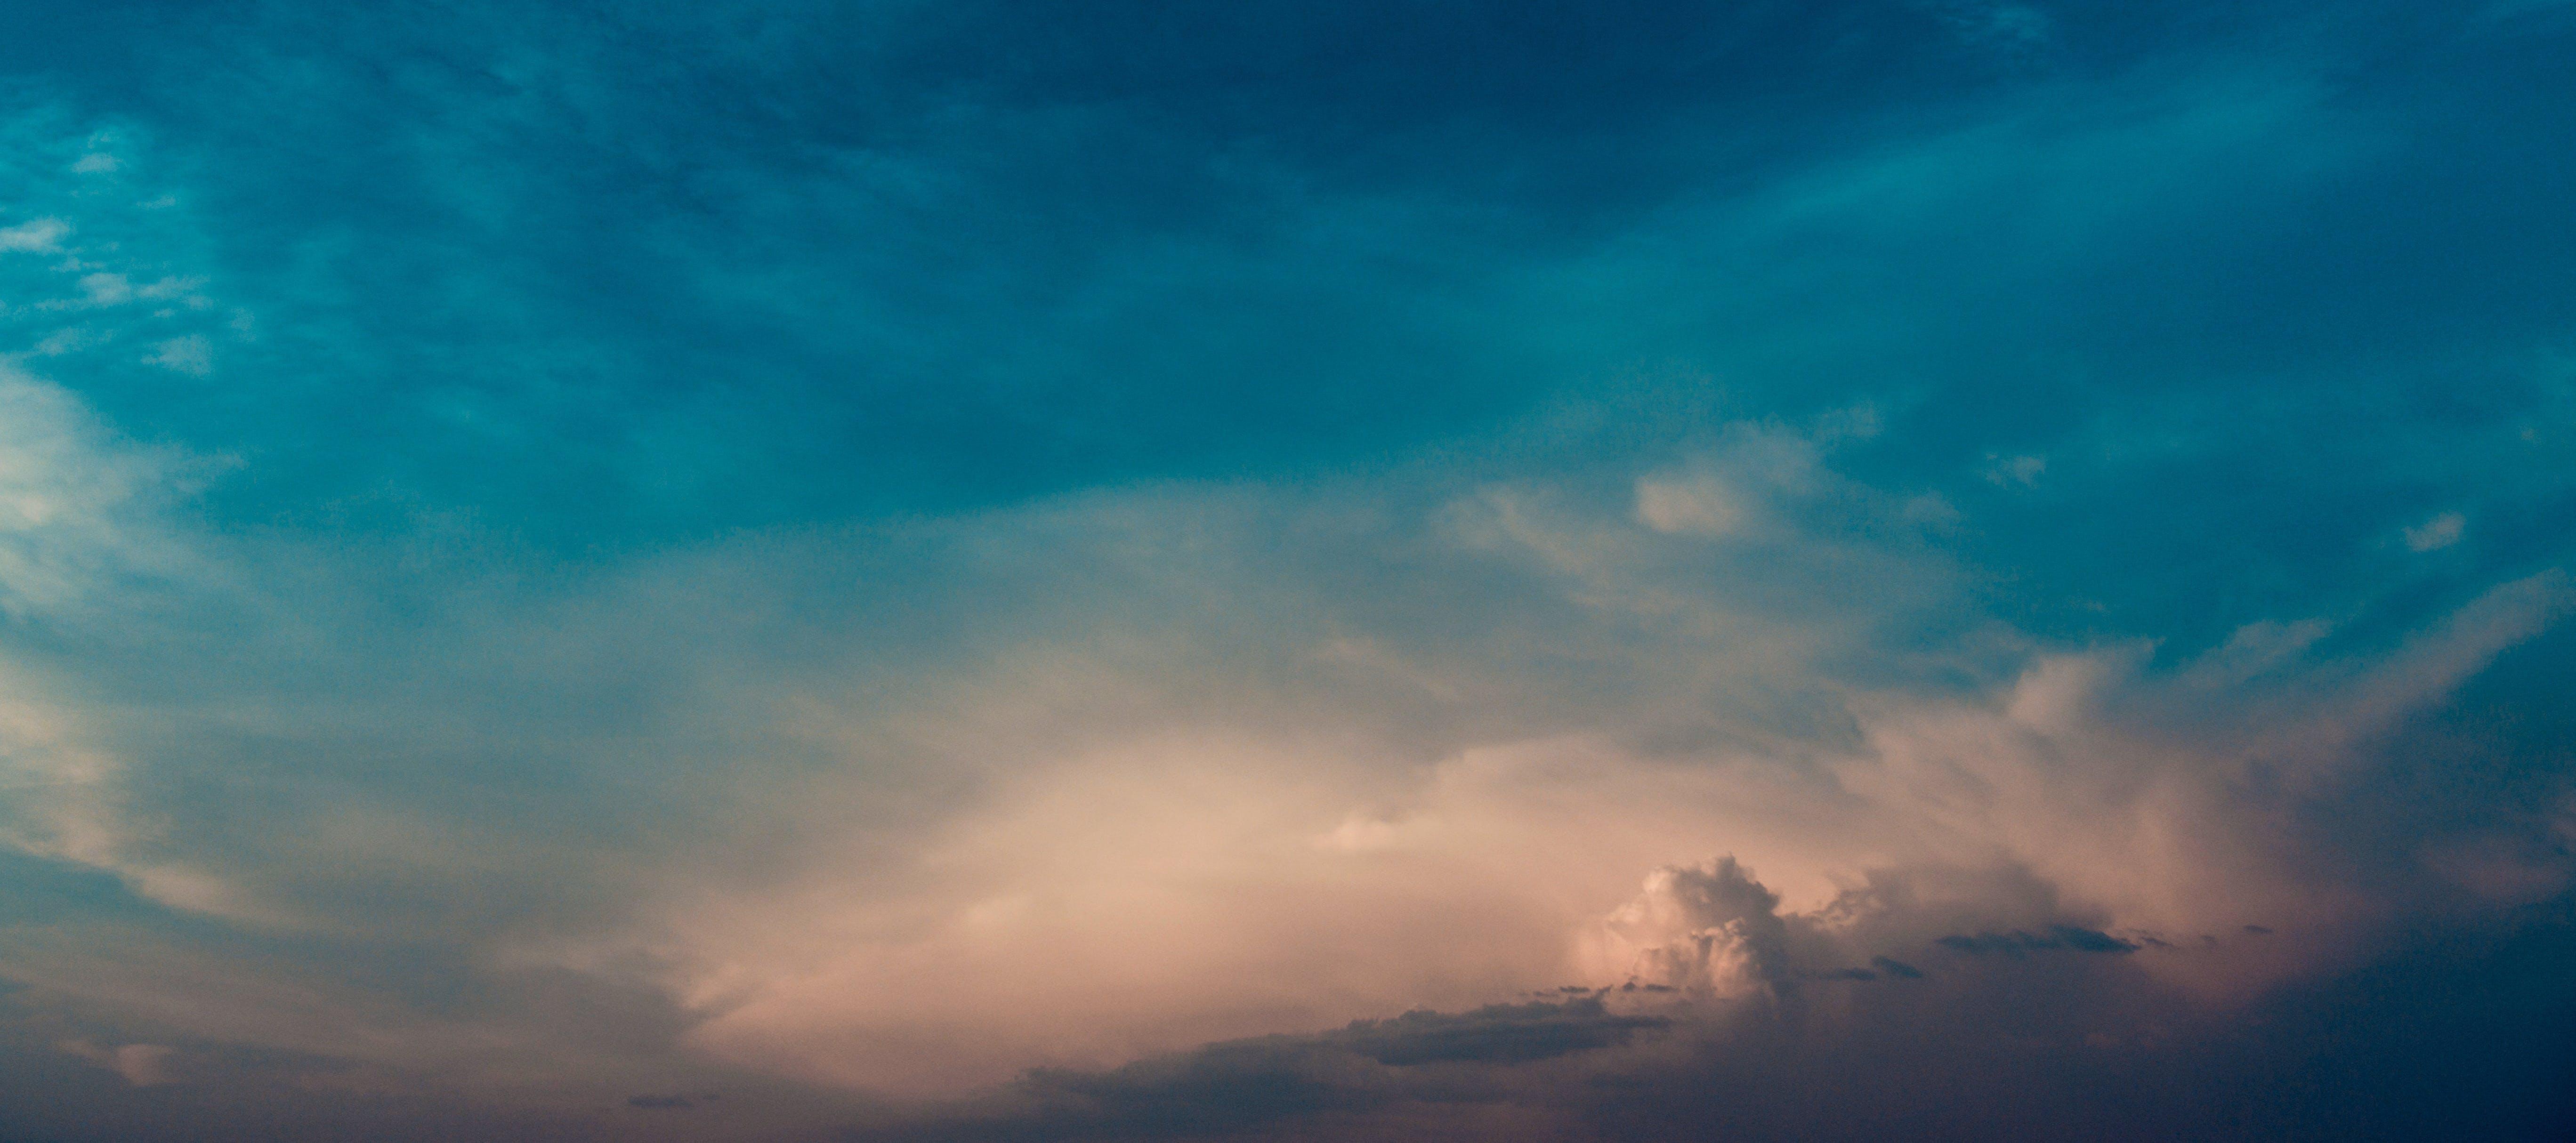 açık, akşam, bulutlar, bulutlu içeren Ücretsiz stok fotoğraf